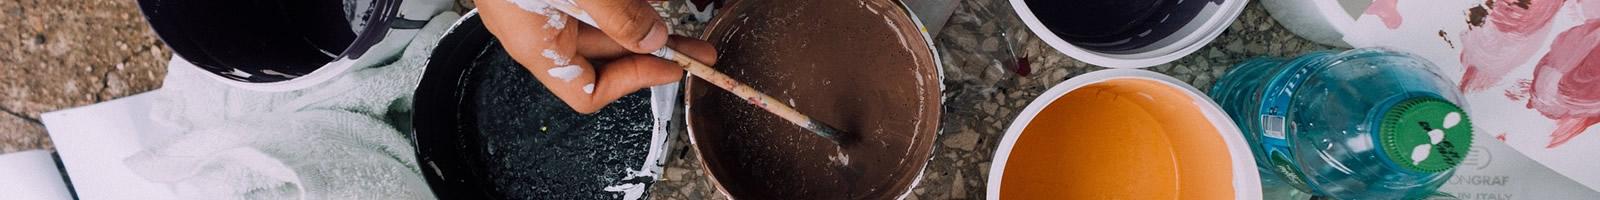 Malerbetrieb Hilgers